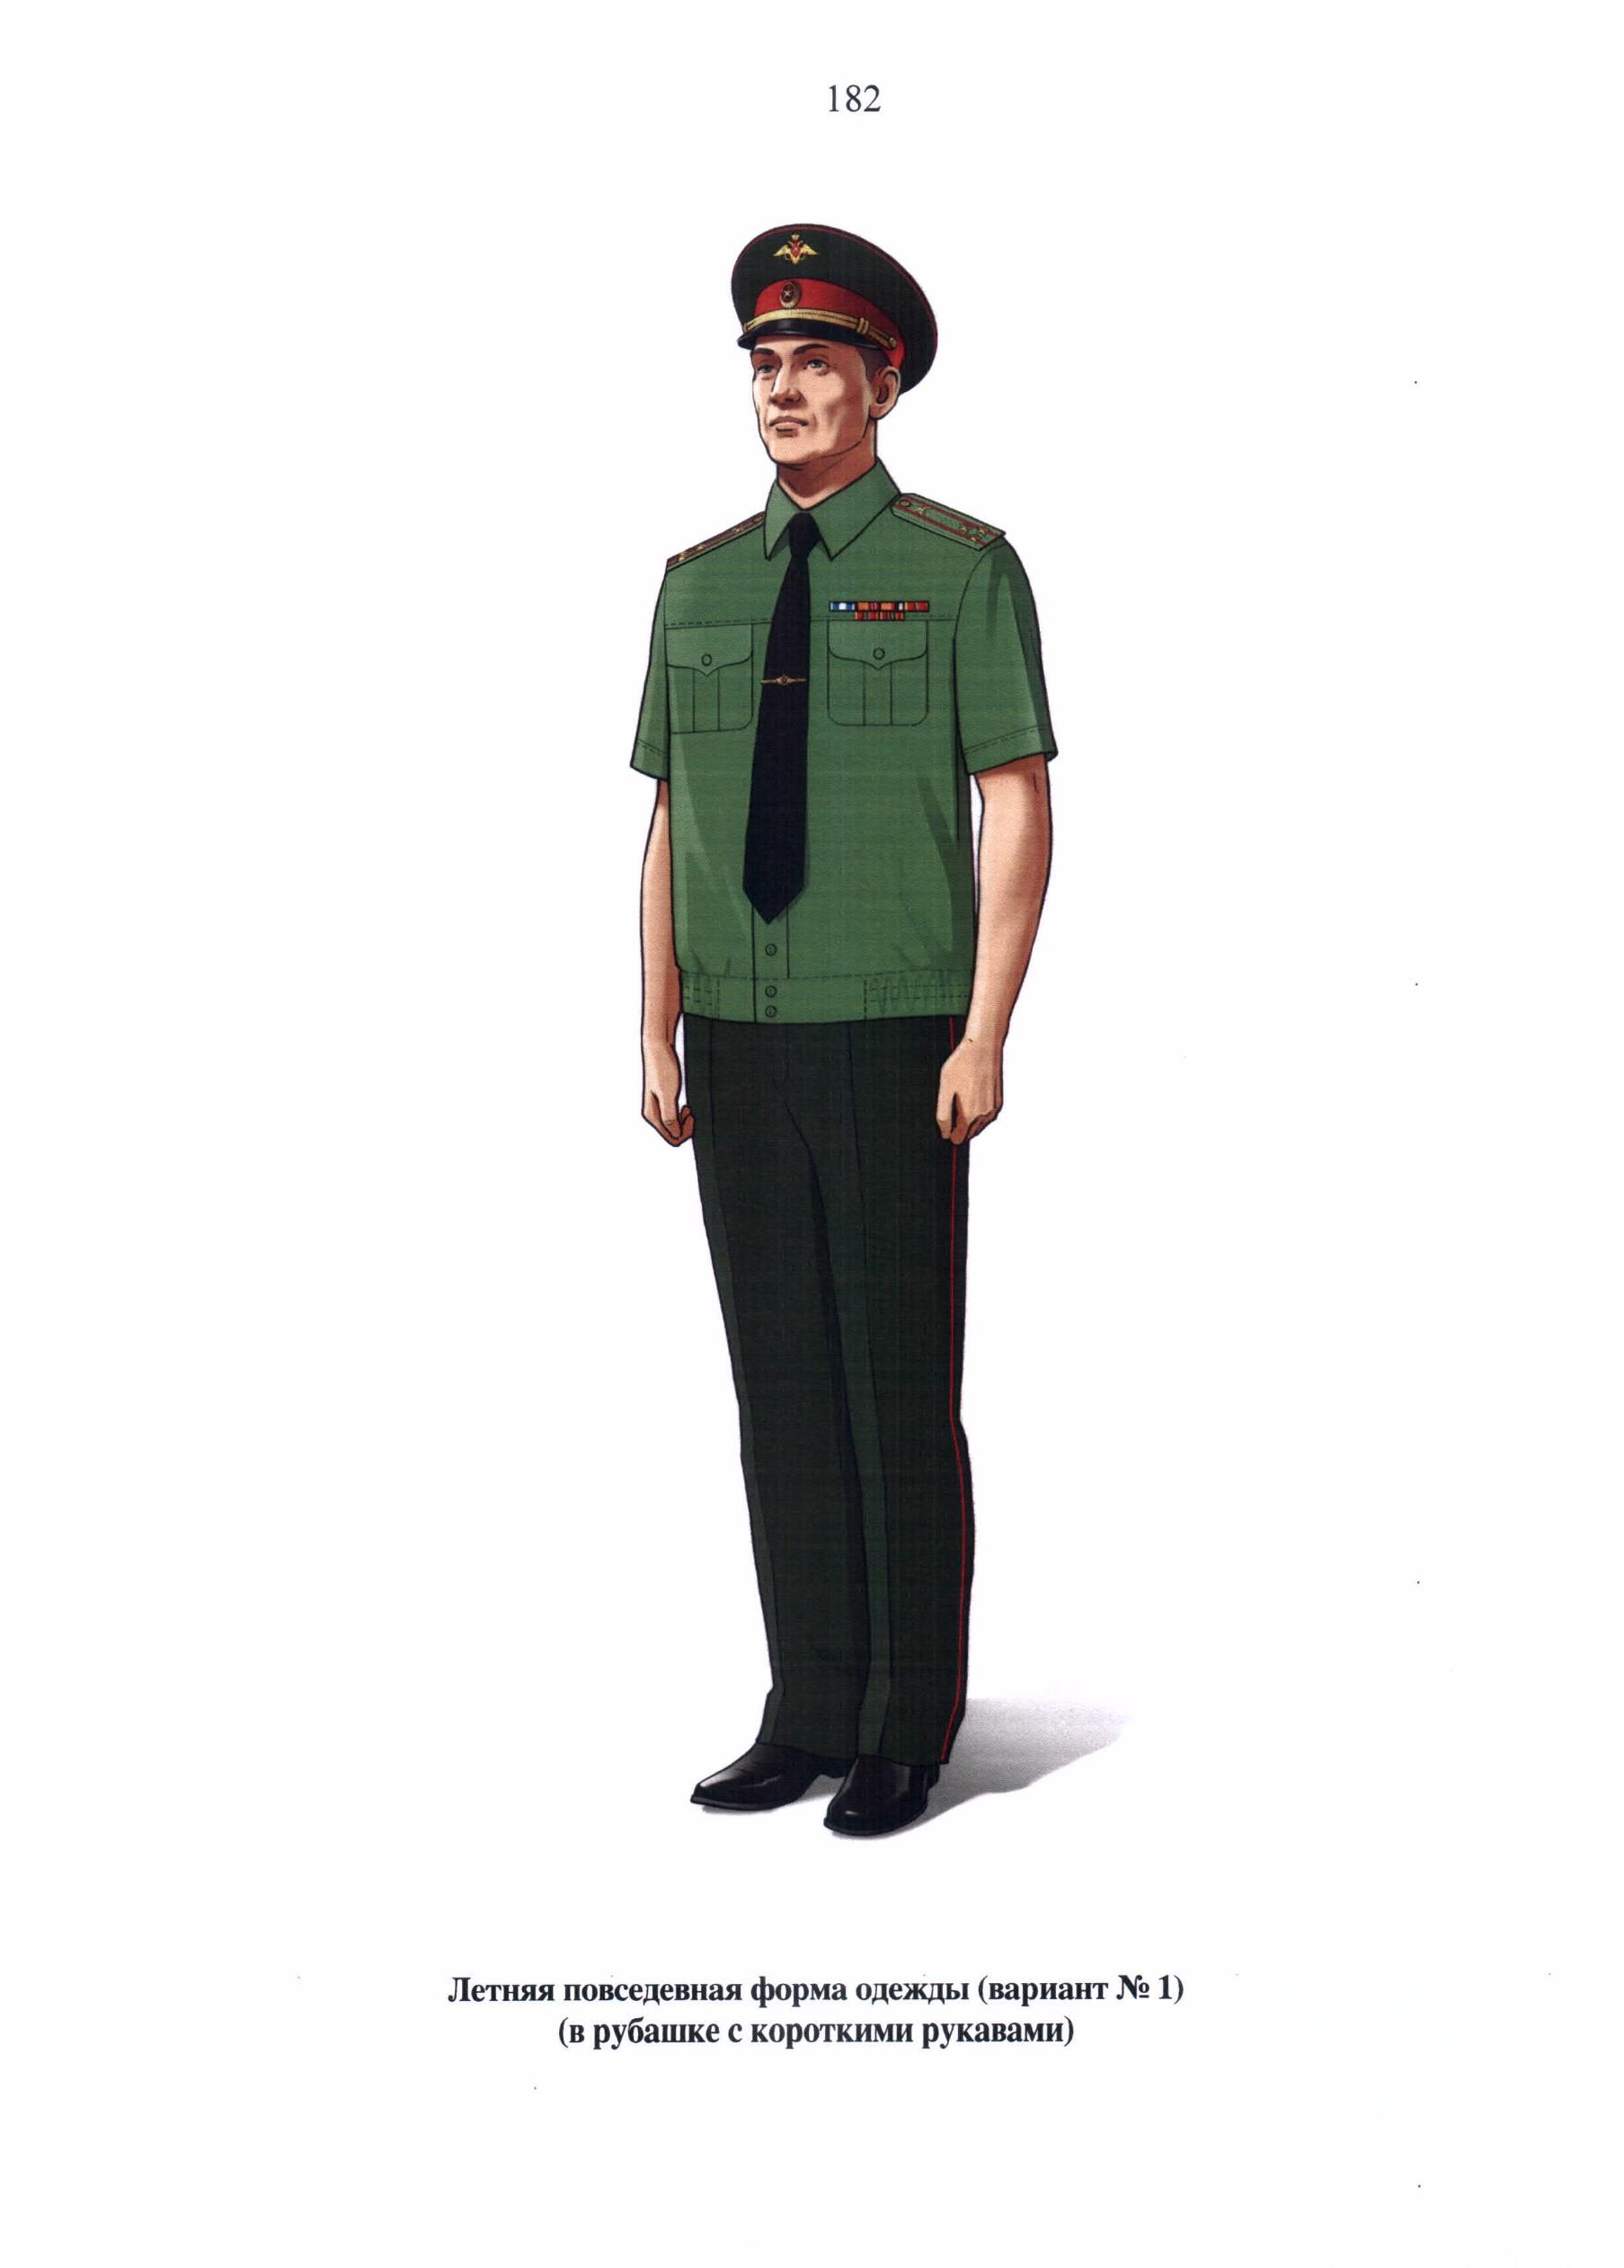 C:\Users\User\Desktop\Приказ МО РФ от 22.06.2015 г. № 300 Правила ношения военной формы одежды\181920.JPG